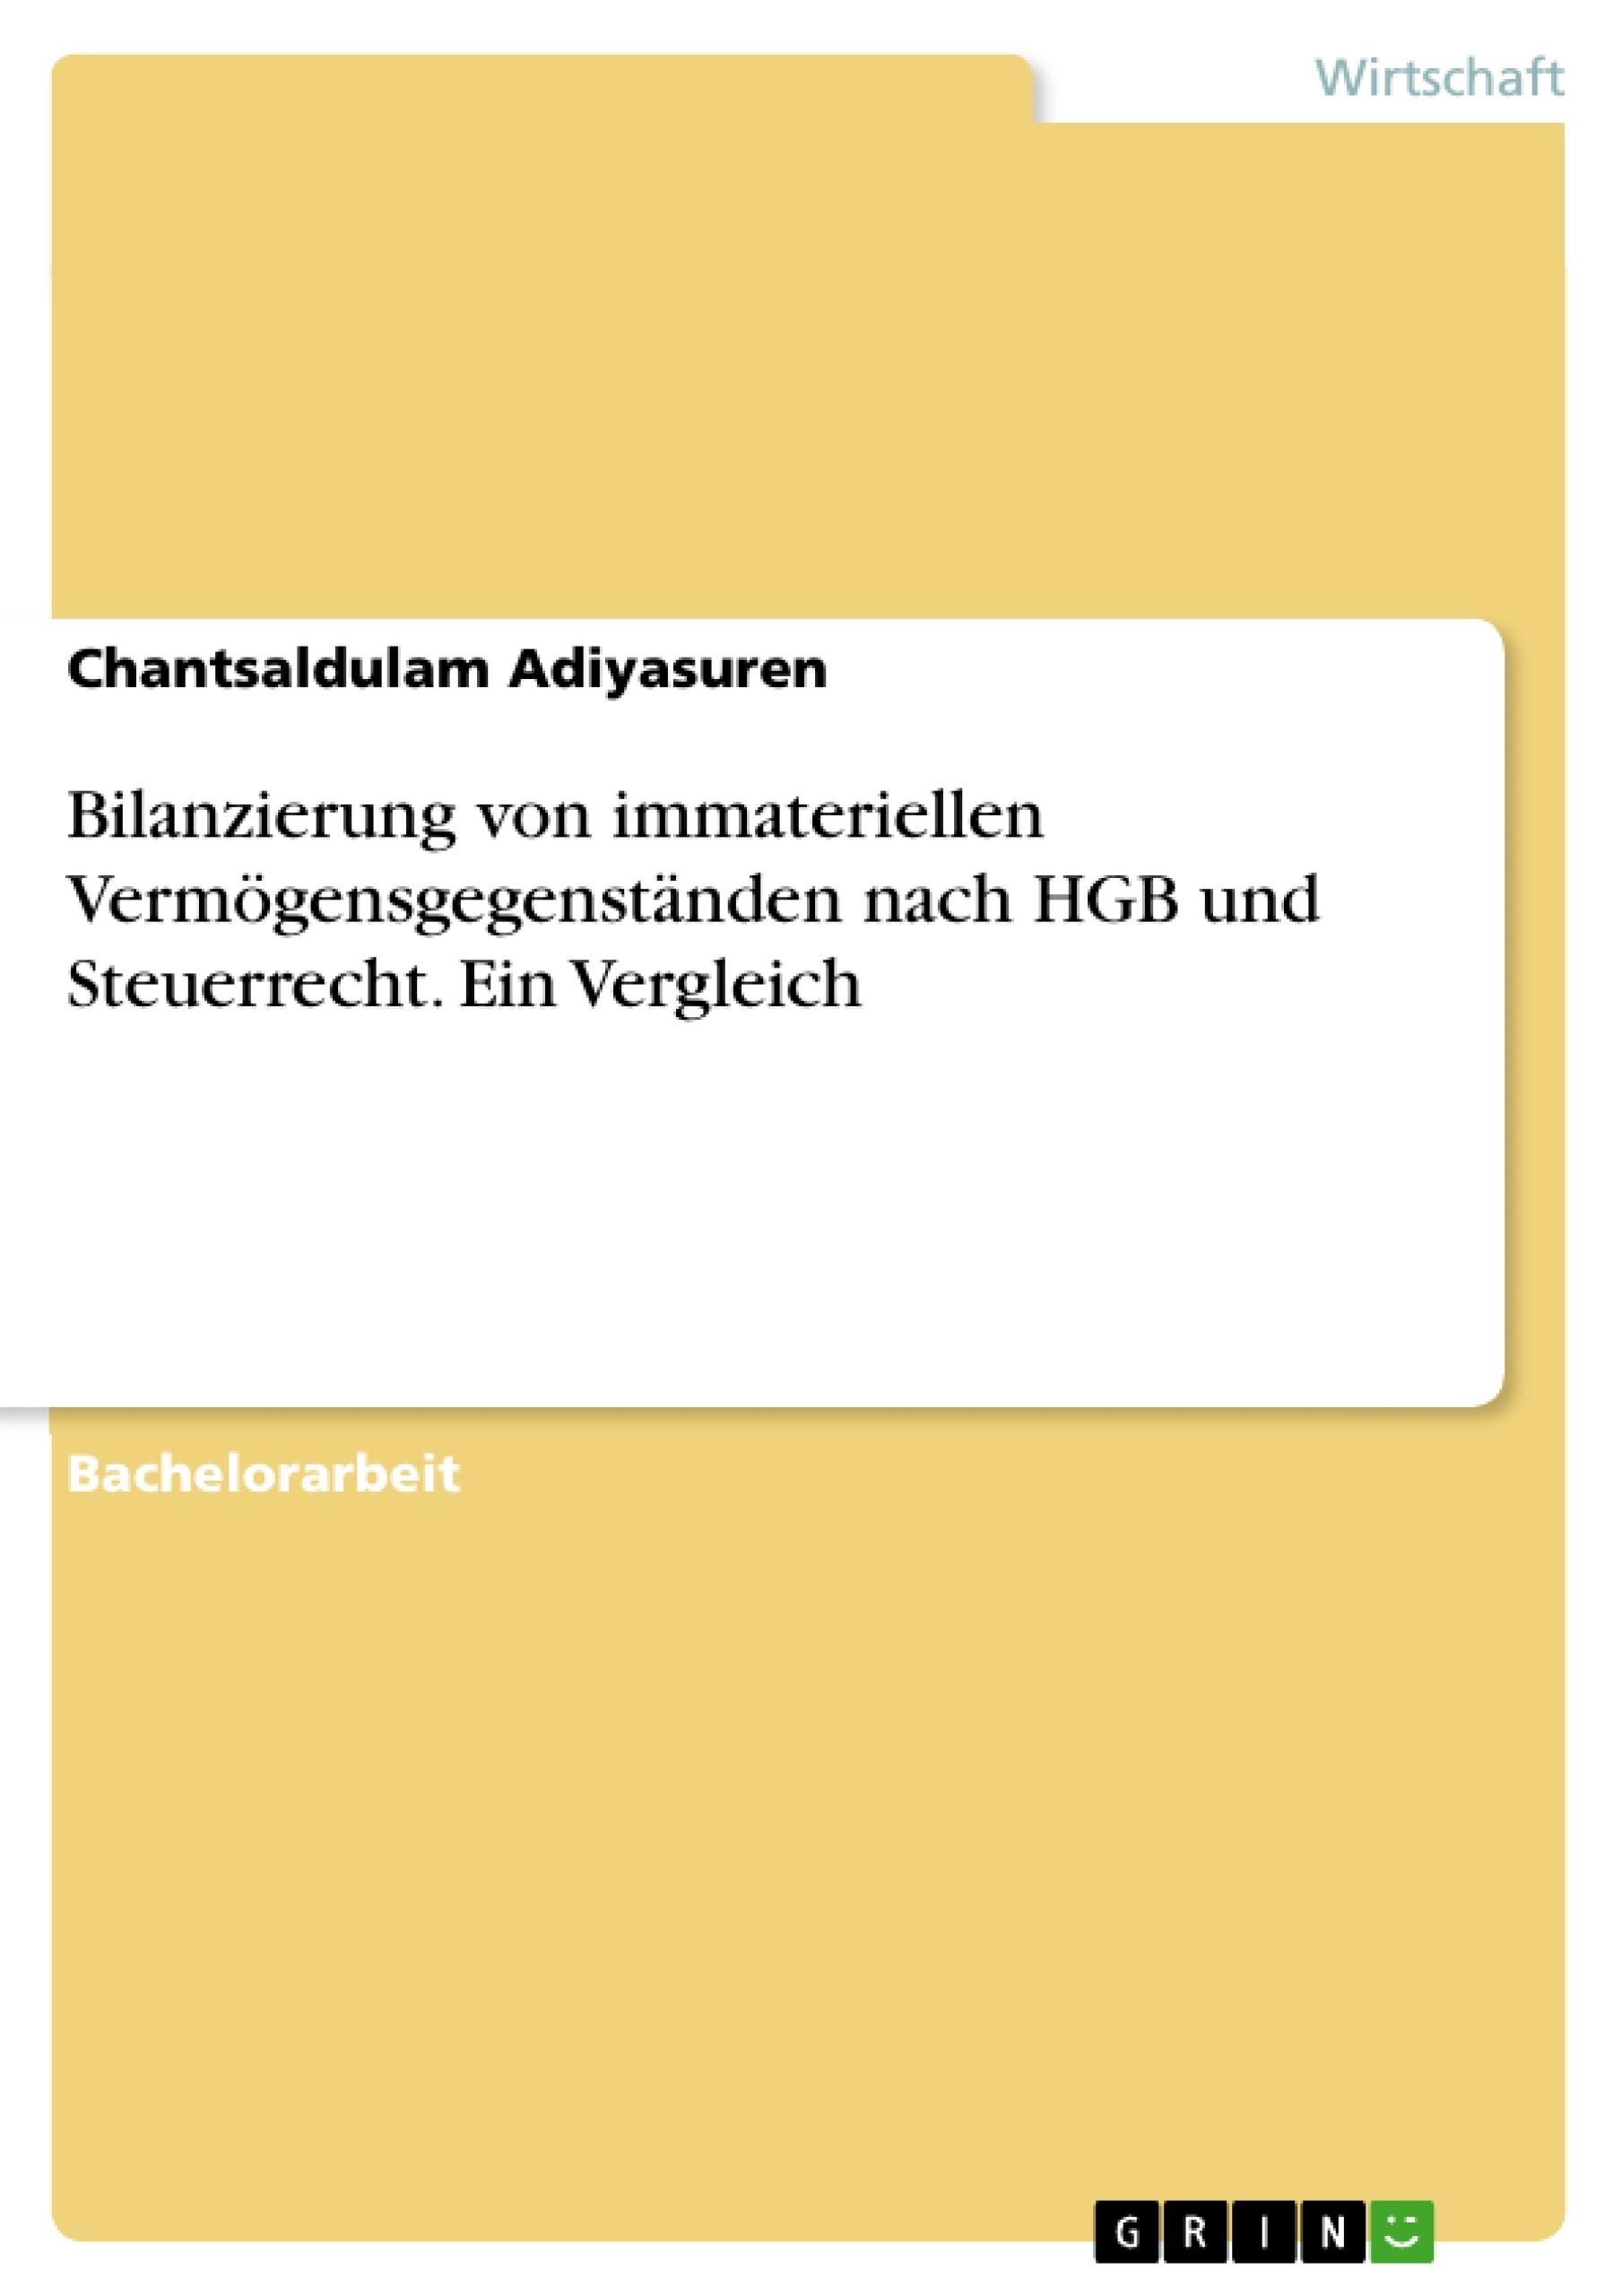 Titel: Bilanzierung von immateriellen Vermögensgegenständen nach HGB und Steuerrecht. Ein Vergleich